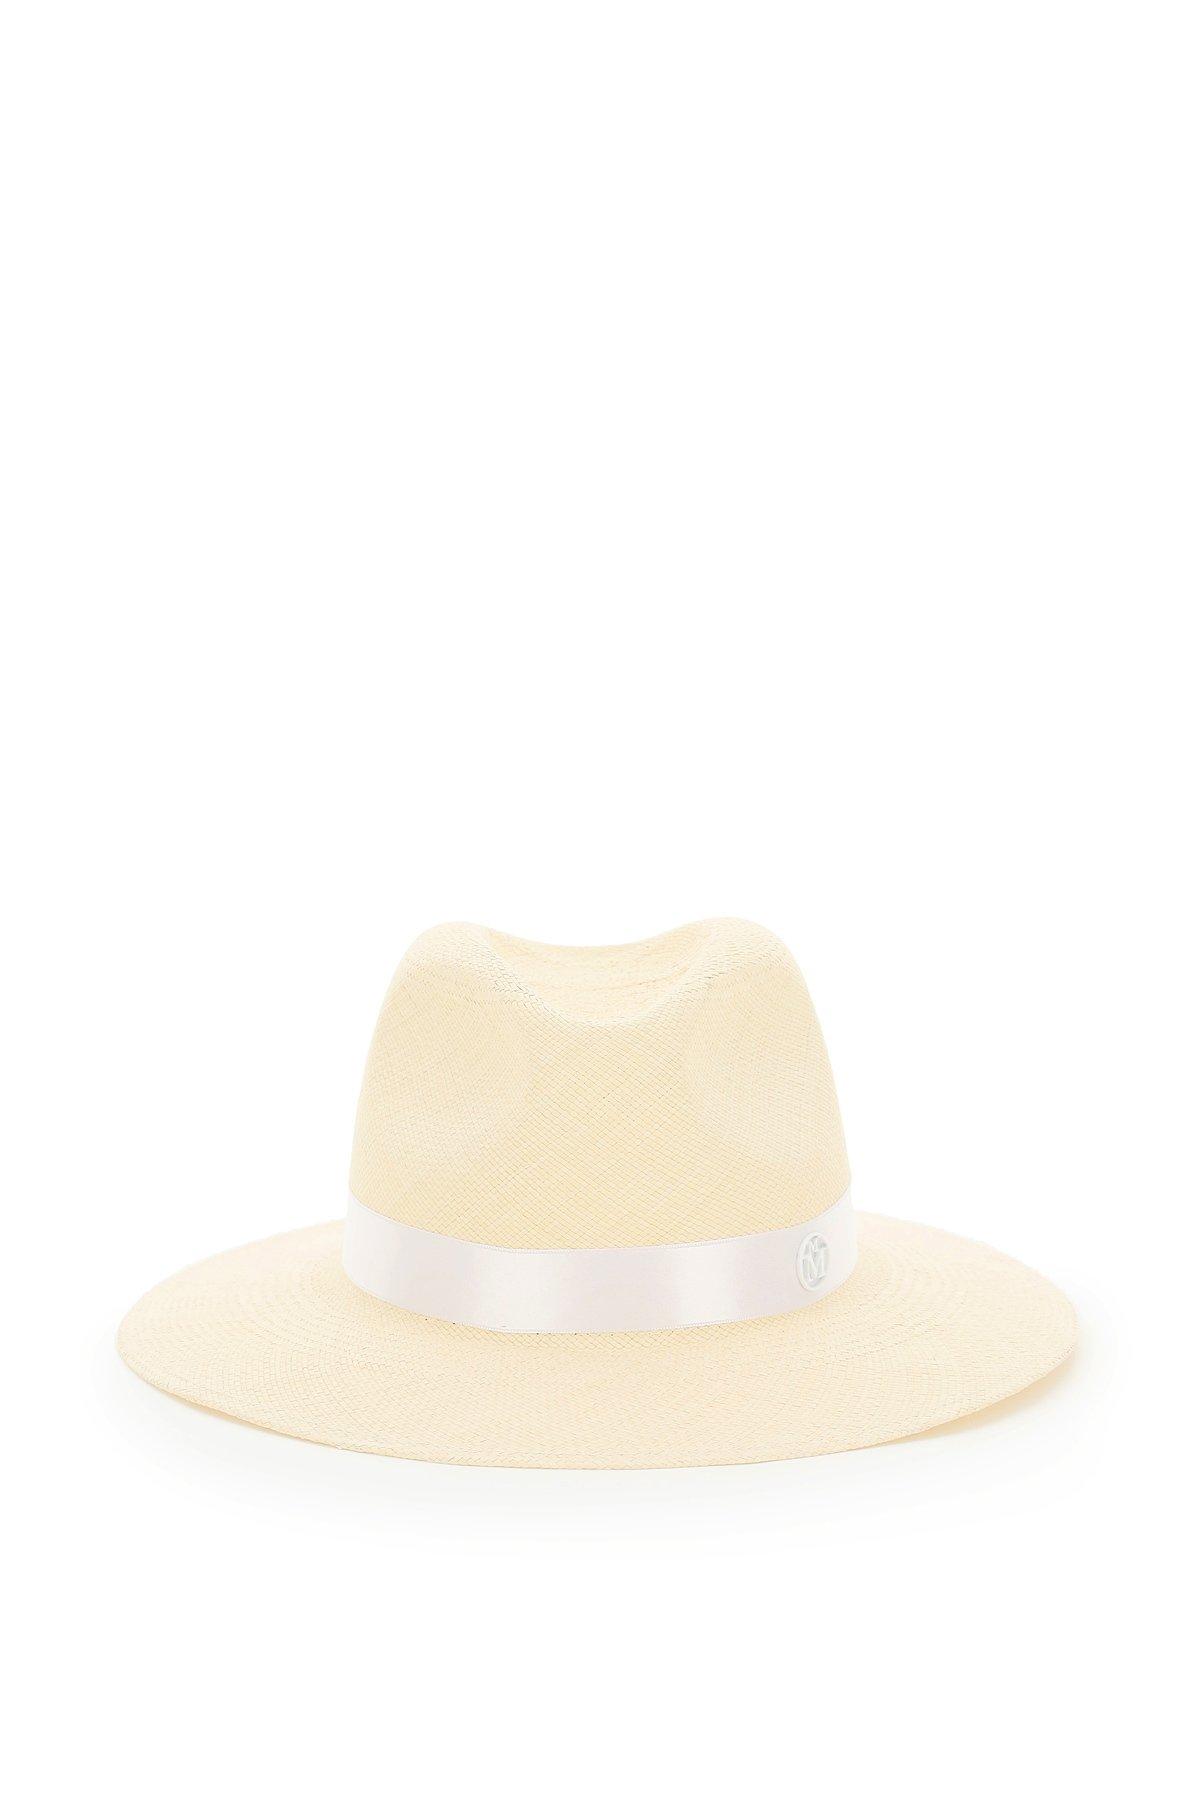 Maison michel cappello fedora in paglia henrietta pearls